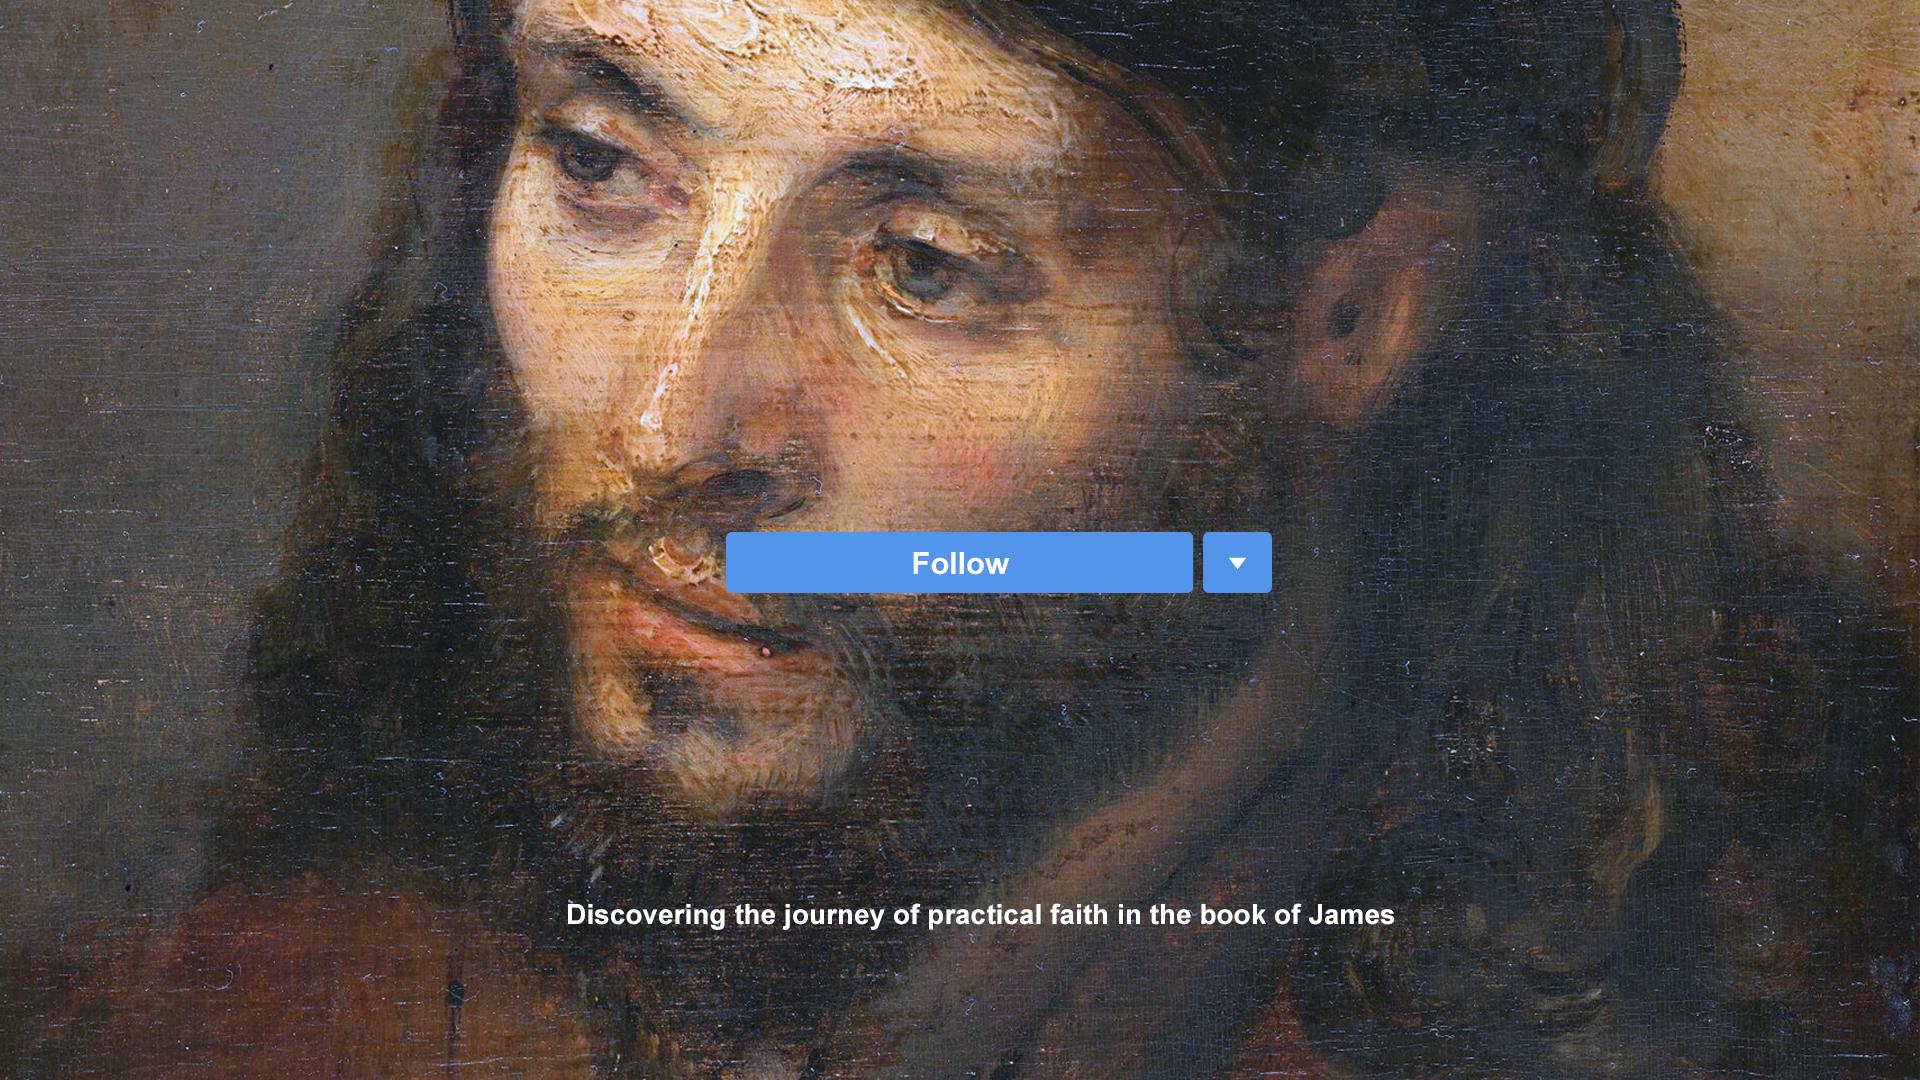 Follow - Part 3 - Faith and Works